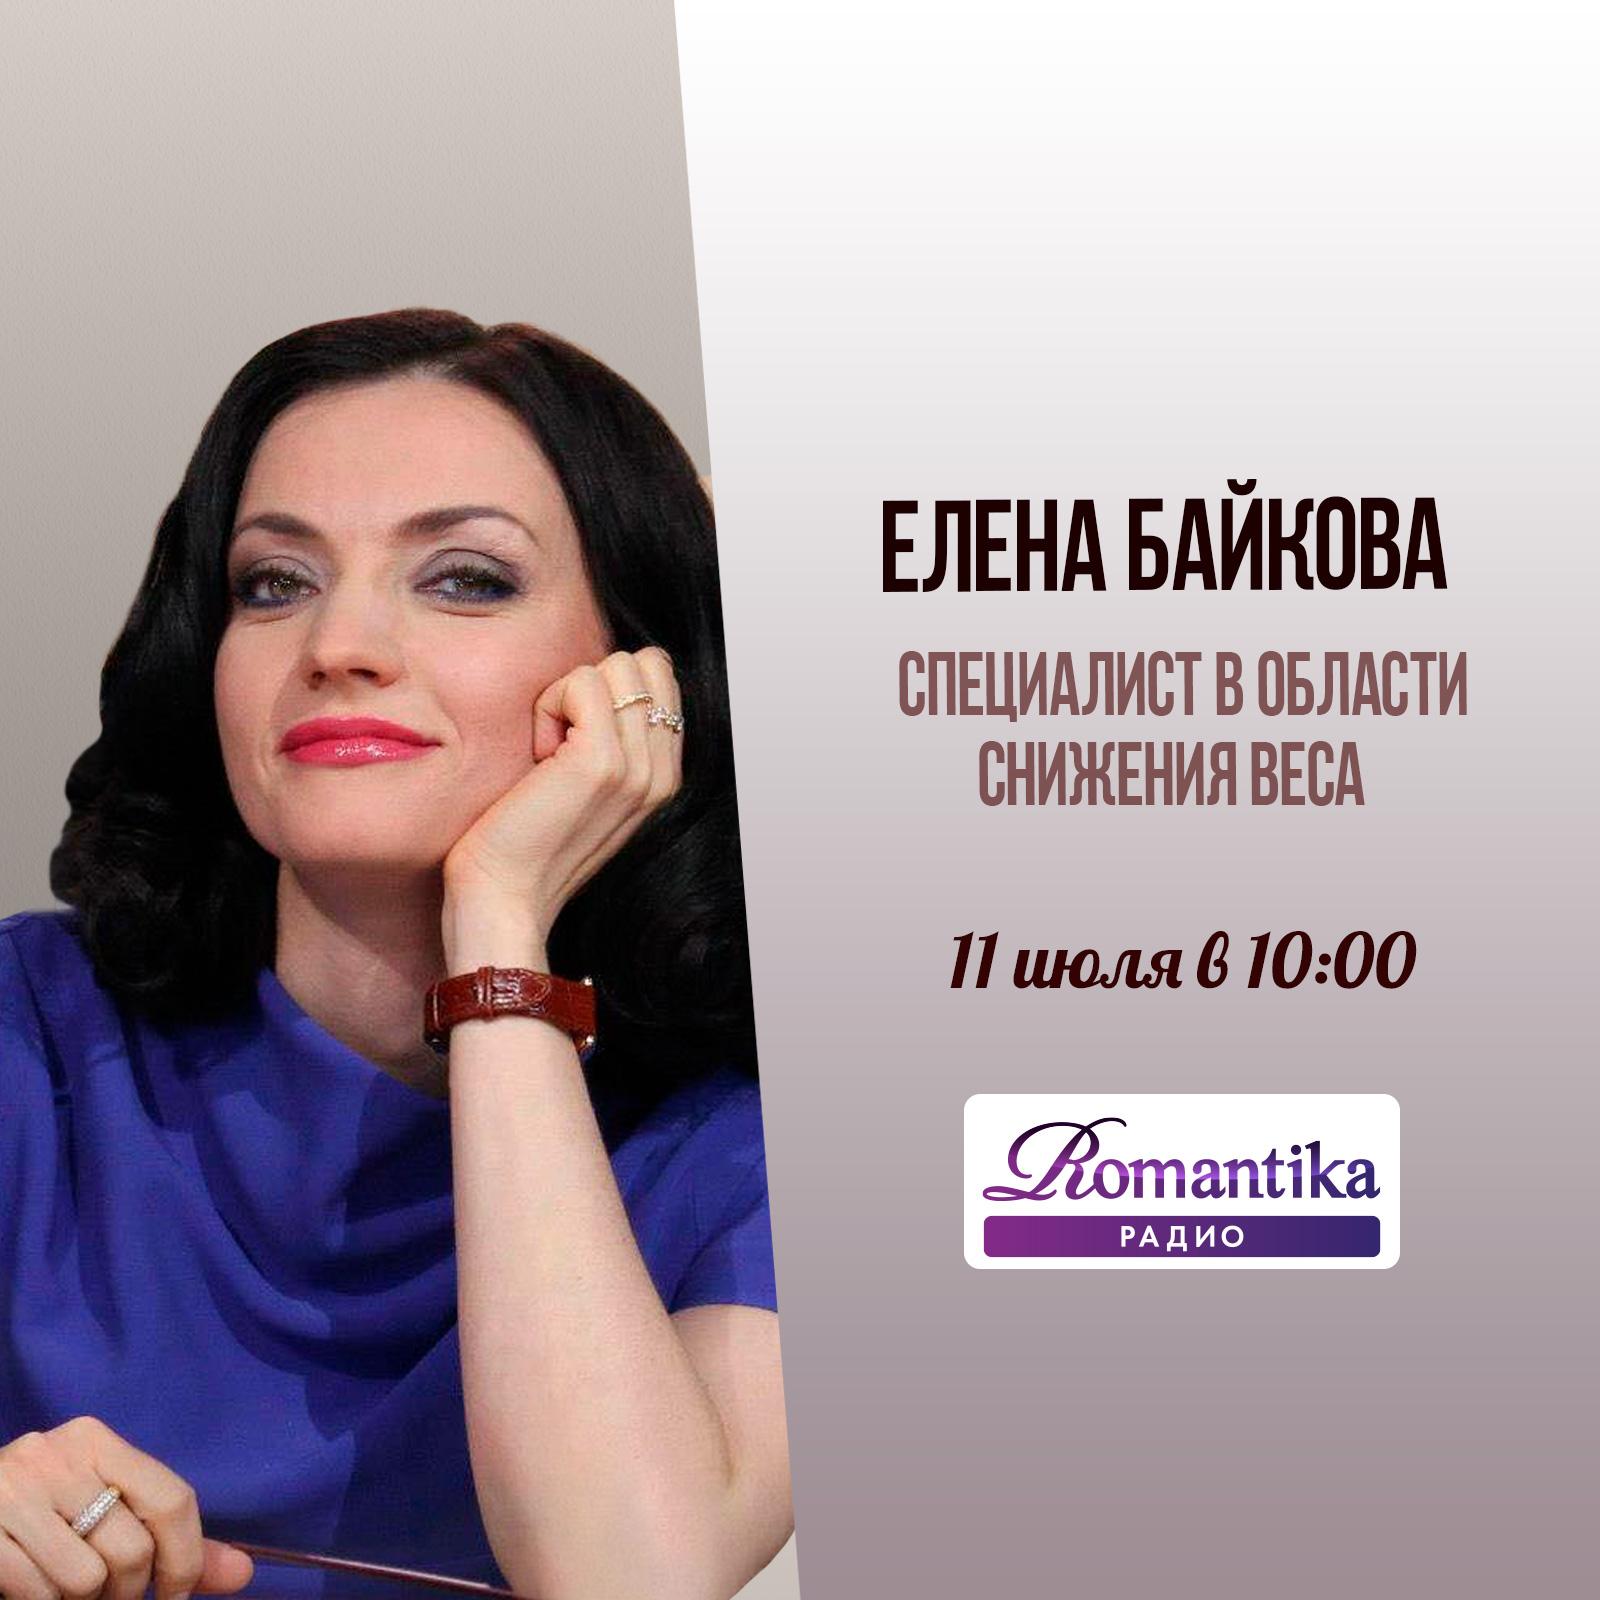 Утро на радио Romantika: 11 июля – в гостях специалист в области похудения Елена Байкова - Радио Romantika